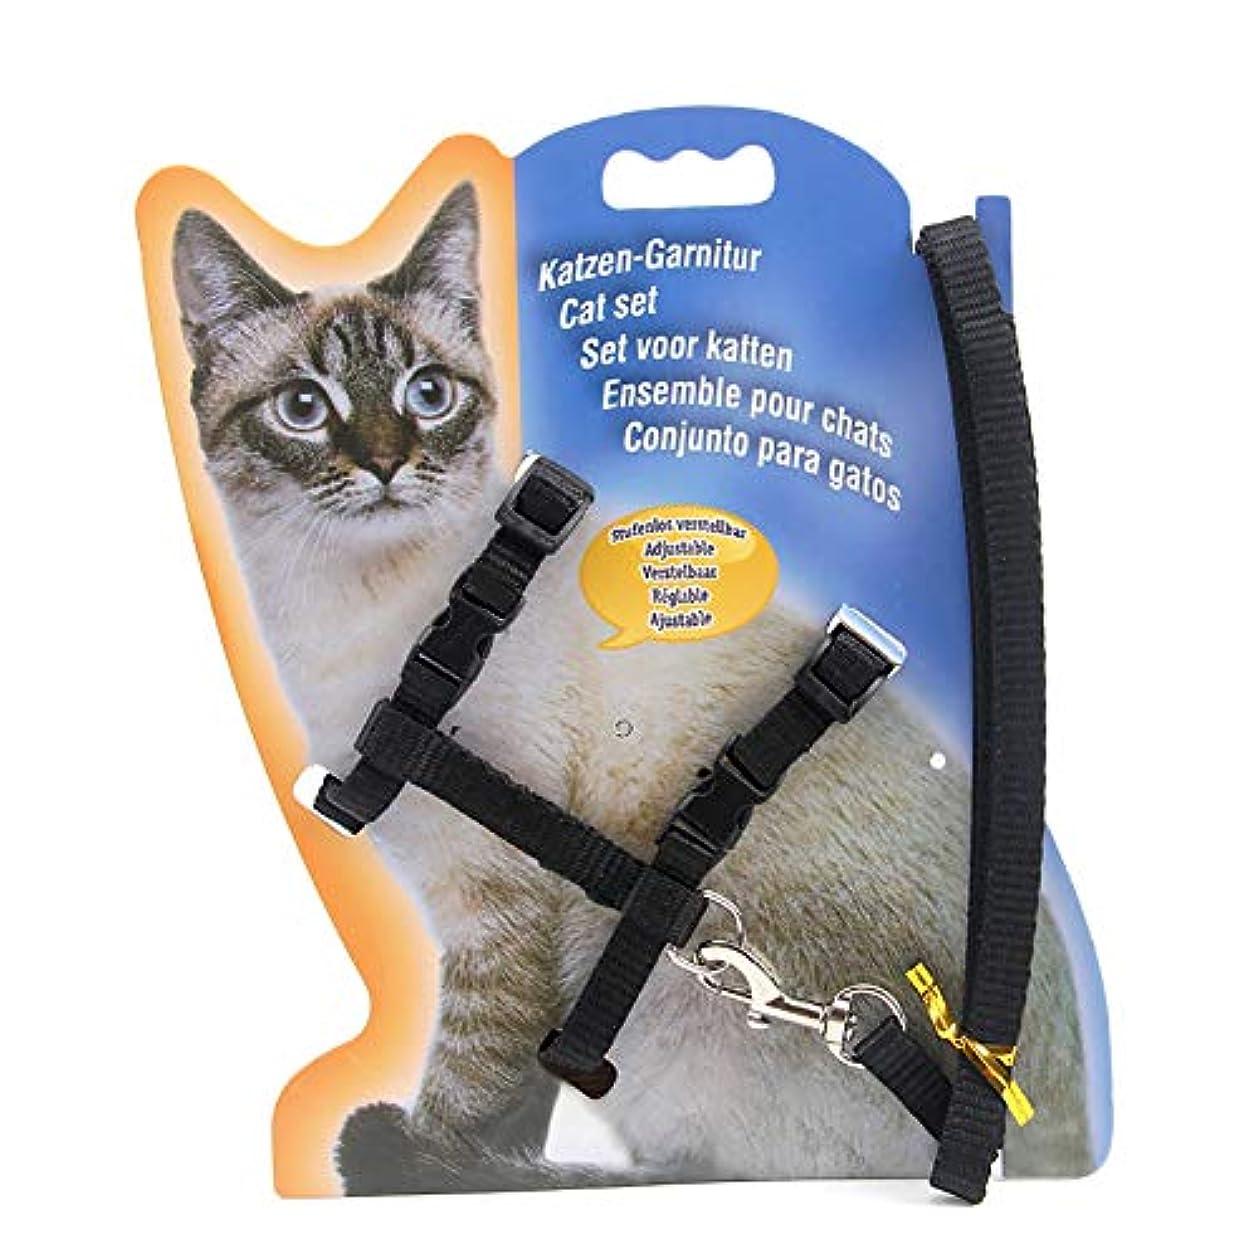 売上高真似る十代HFEEL ハーネス 猫用 小型犬 リードセ ナイロン製耐久性良い胴輪 リード付 (ブラック)